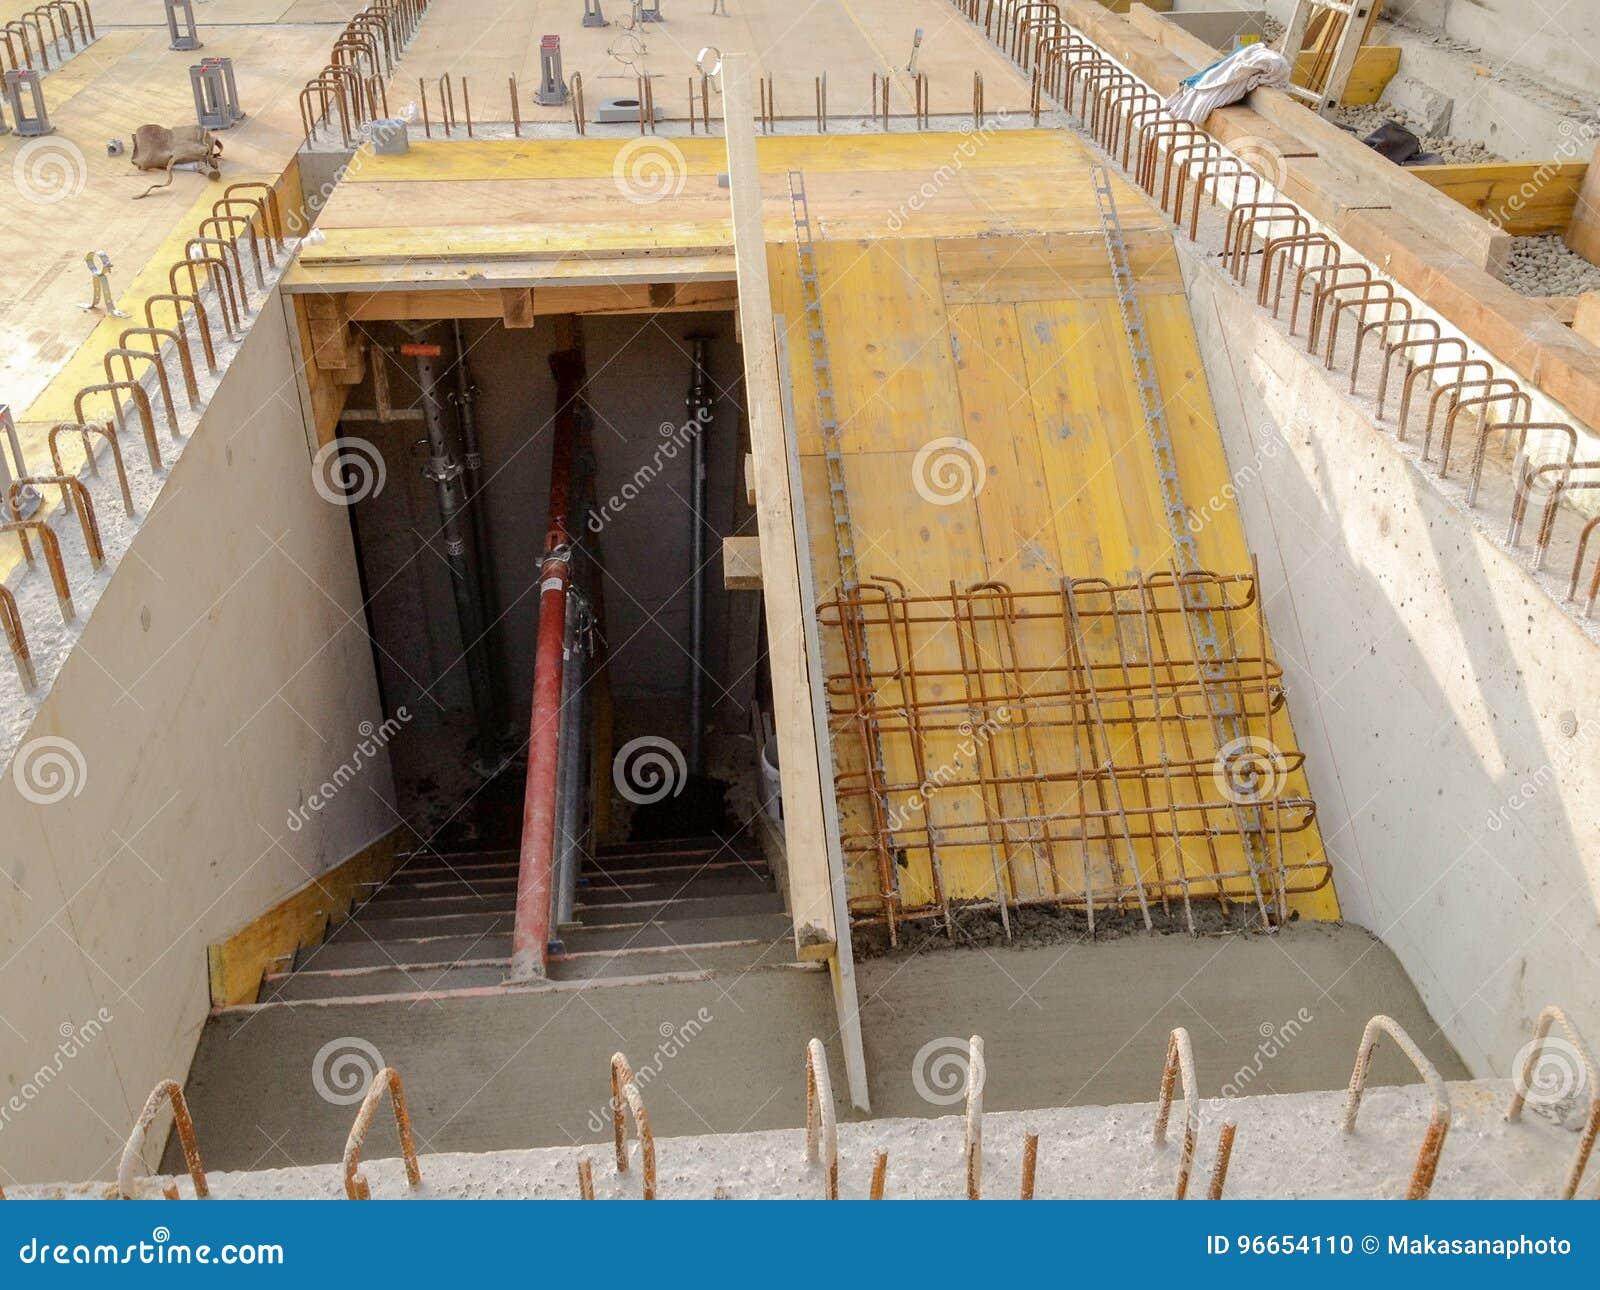 Prezzo Del Ferro Per Edilizia scala con il ferro del tondo per cemento armato sul cantiere